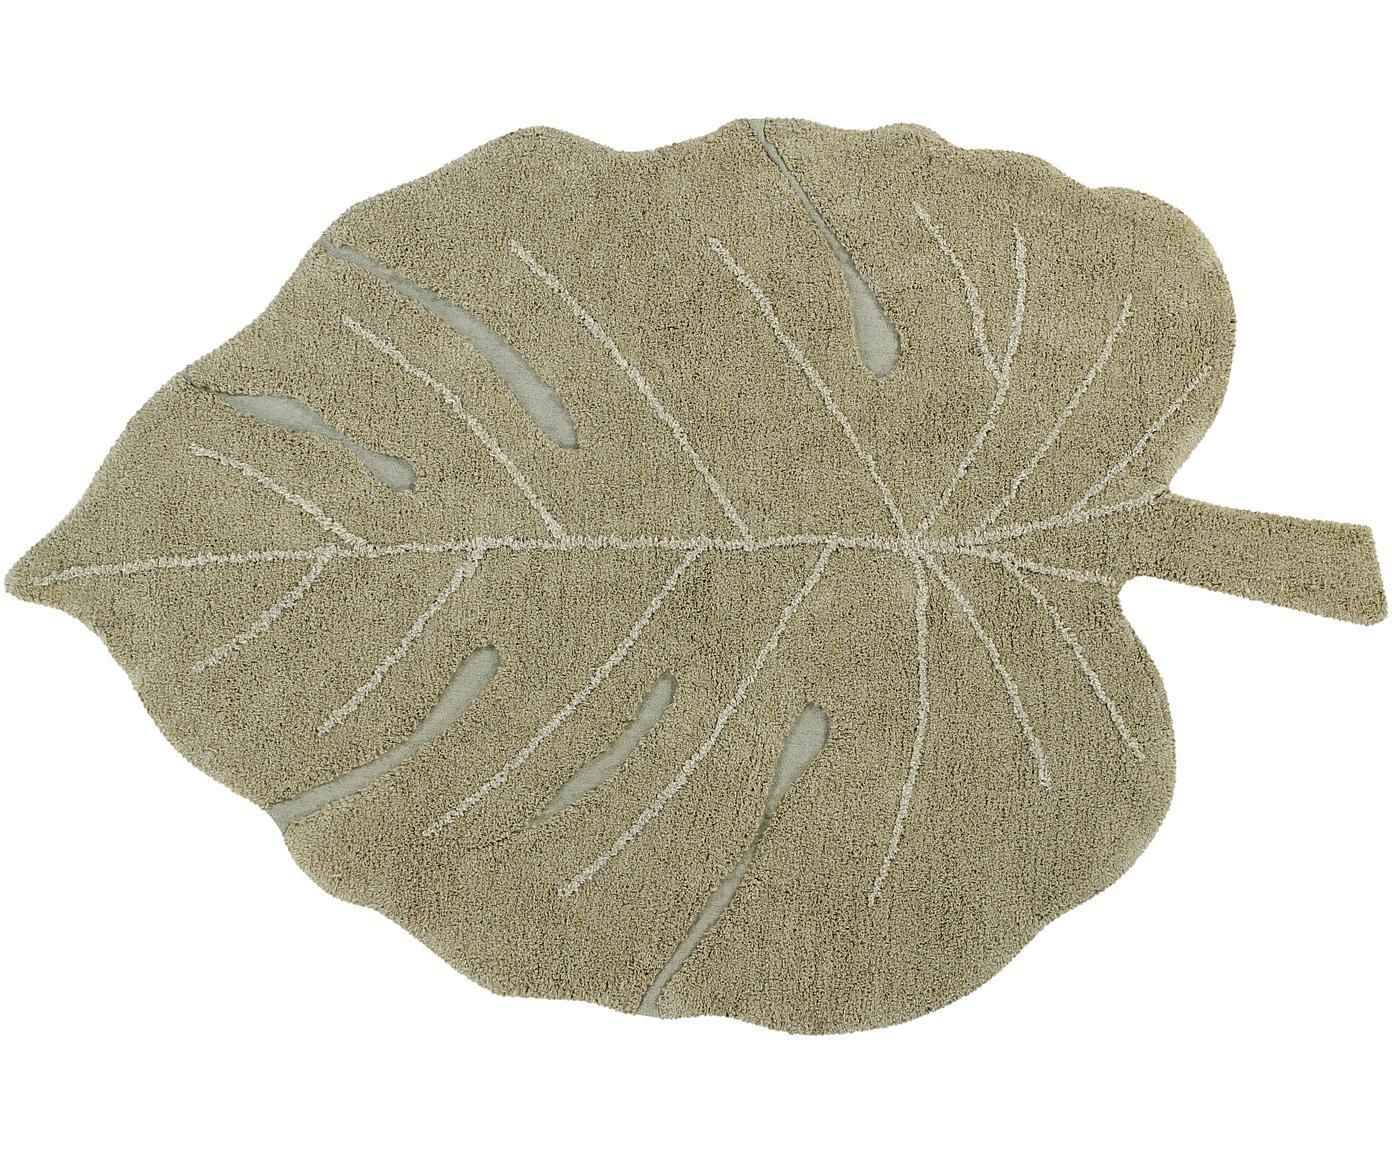 Tappeto lavabile fatto a mano Monstera, 97% cotone riciclato, 3% altre fibre Oeko-Tex Standard 100, Verde, Larg. 120 x Lung. 180 cm (taglia S)